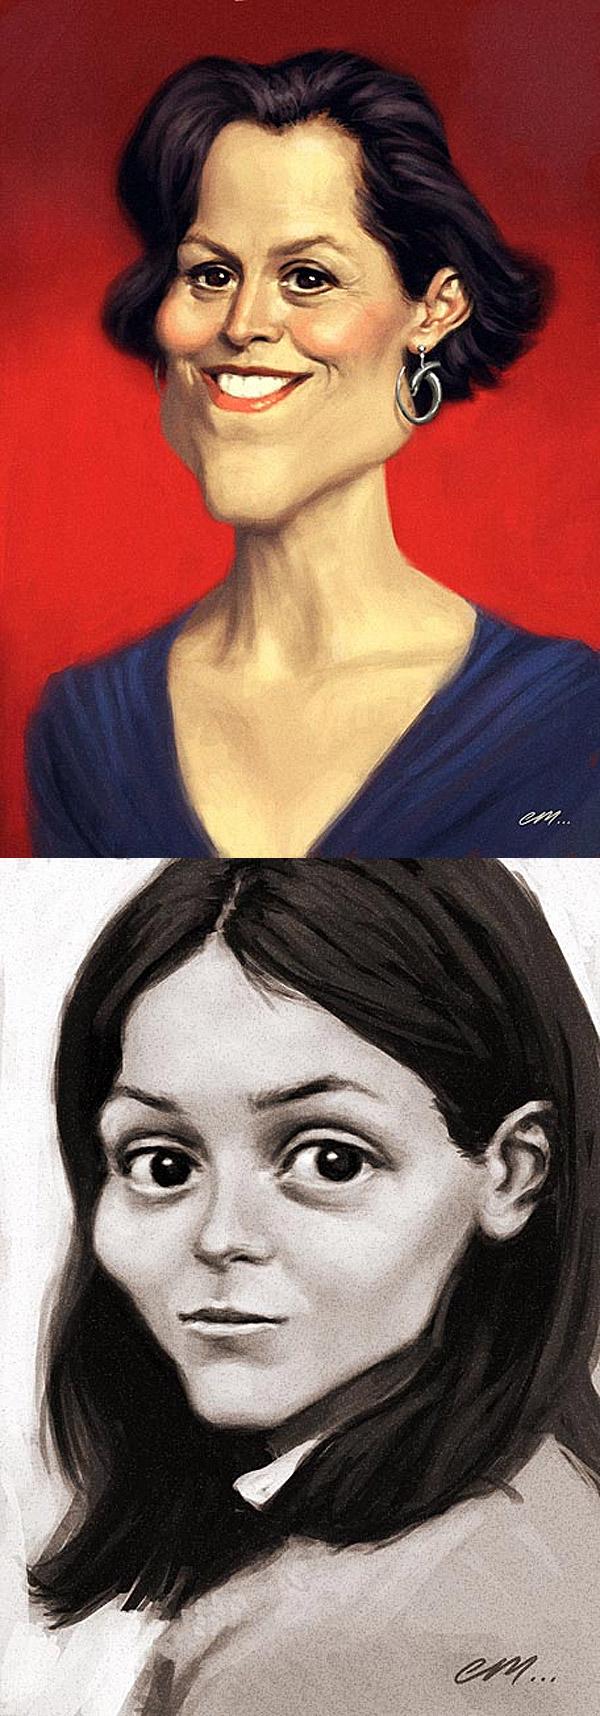 Caricaturas de Sigourney Weaver